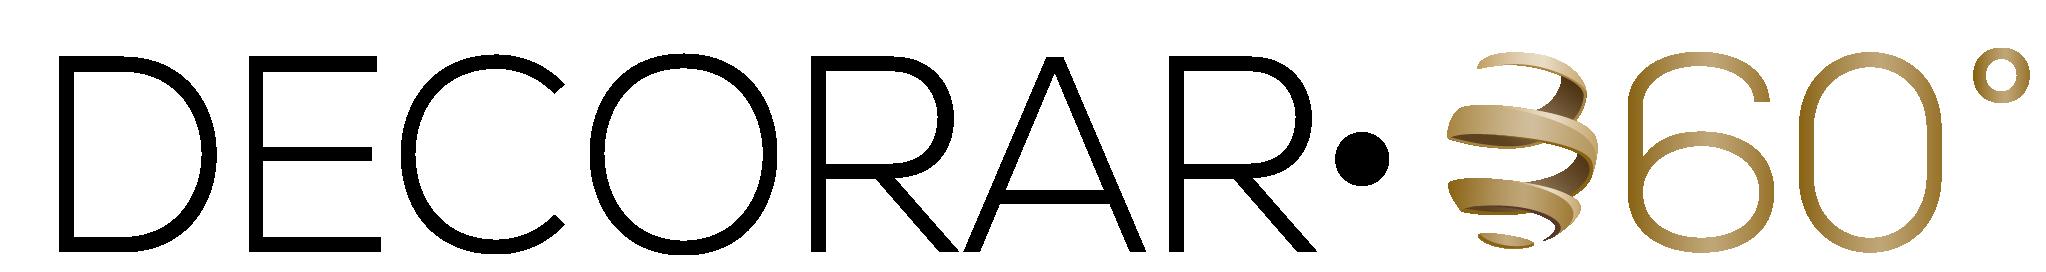 Decorar360